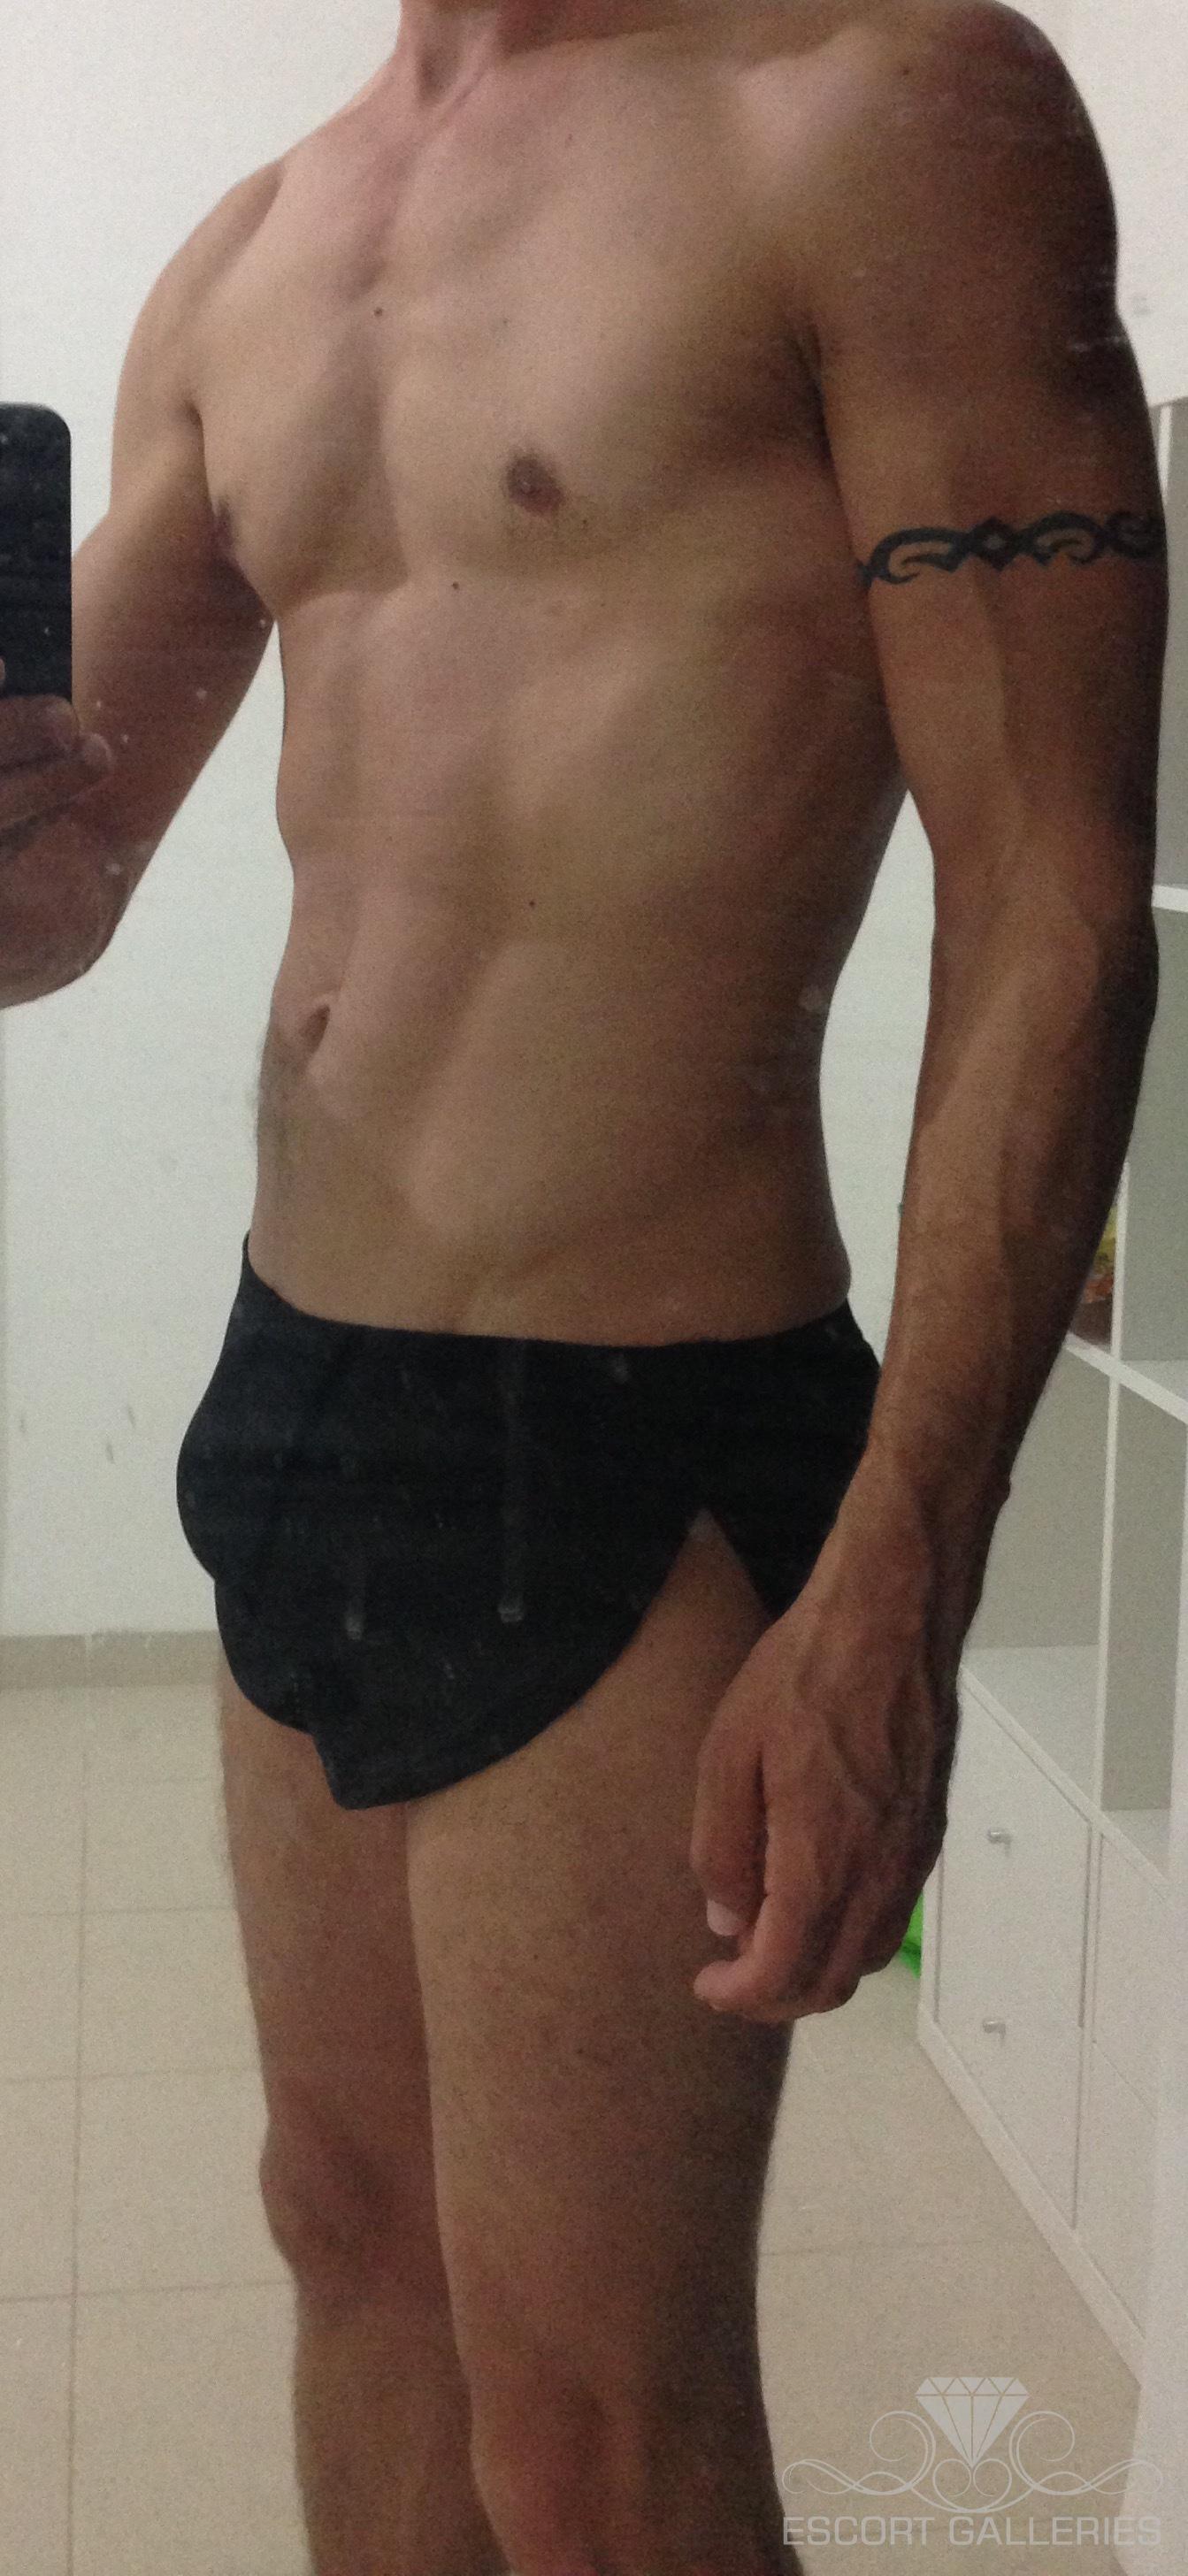 svenska chattsidor karlstad homosexuell striptease